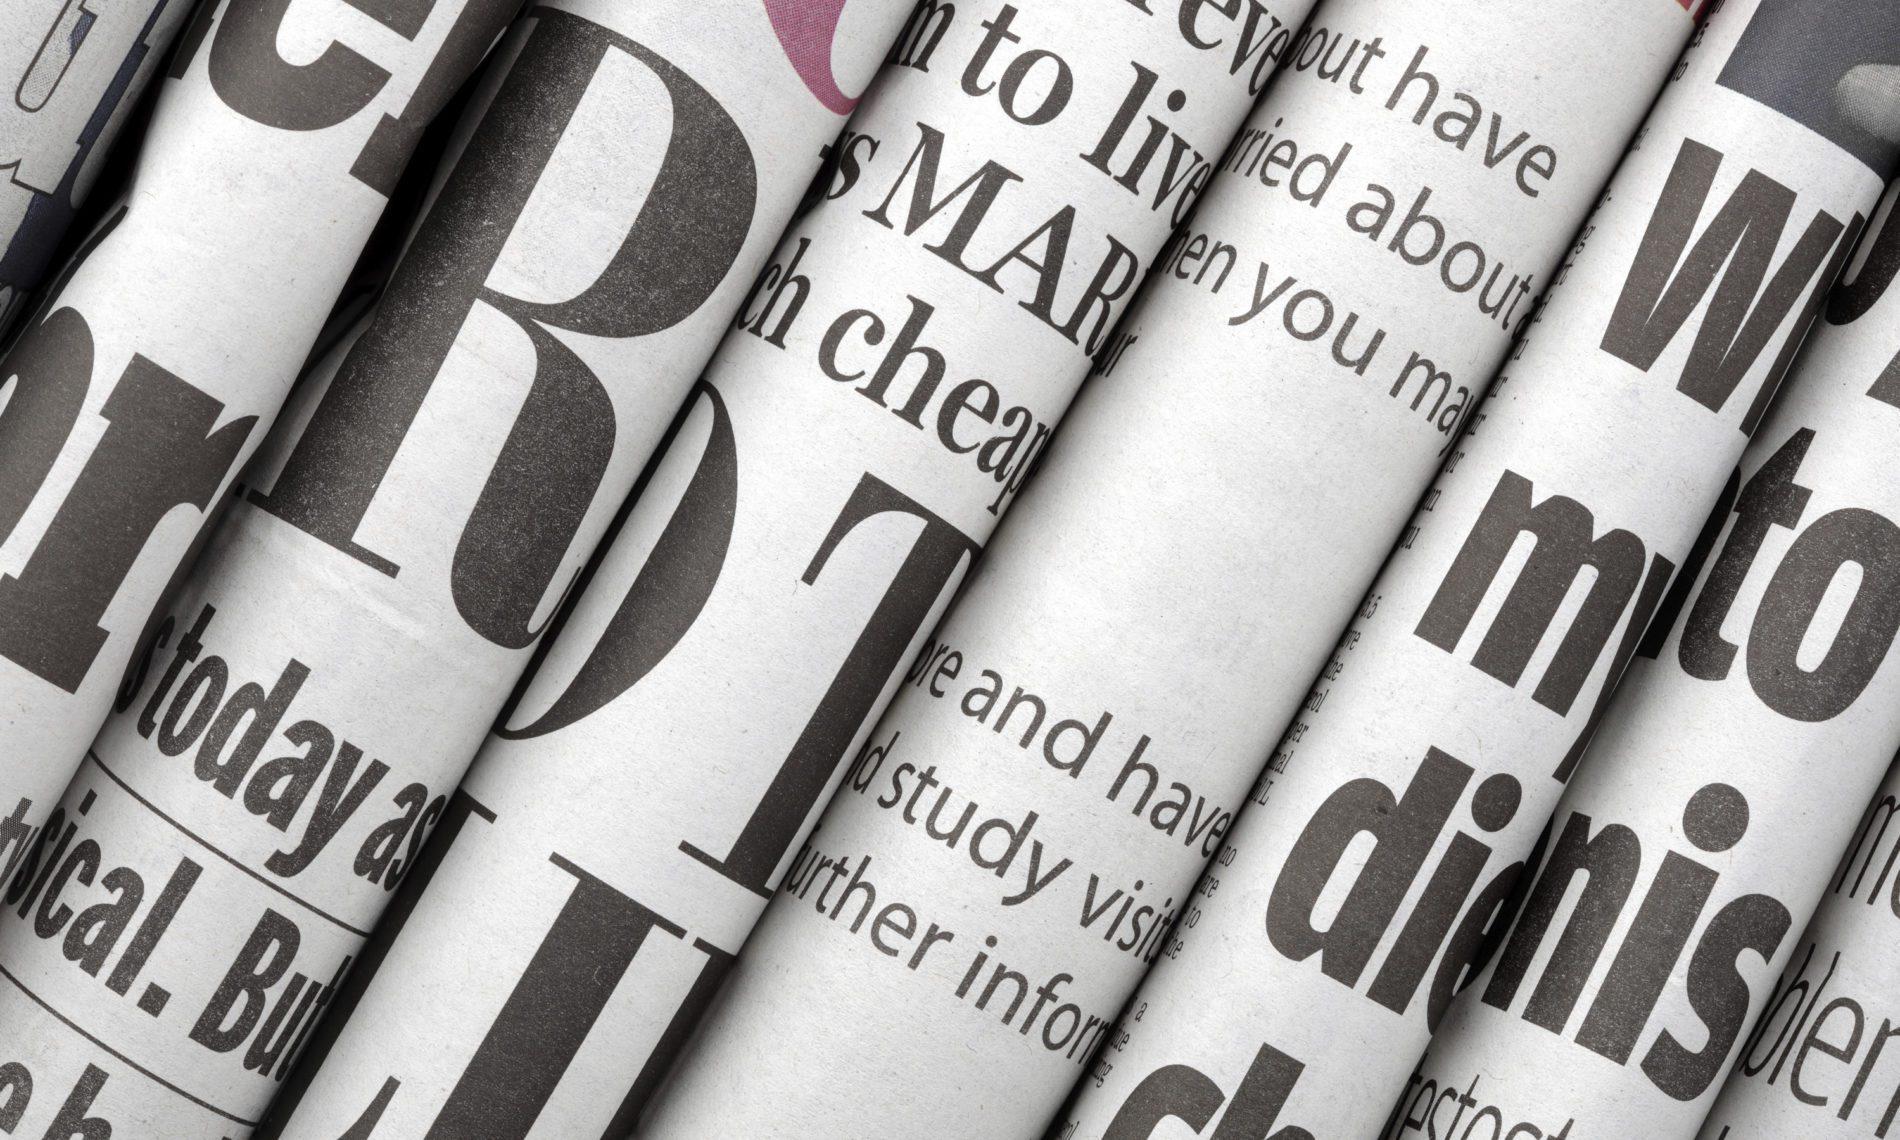 I giornali nel mondo primo piano